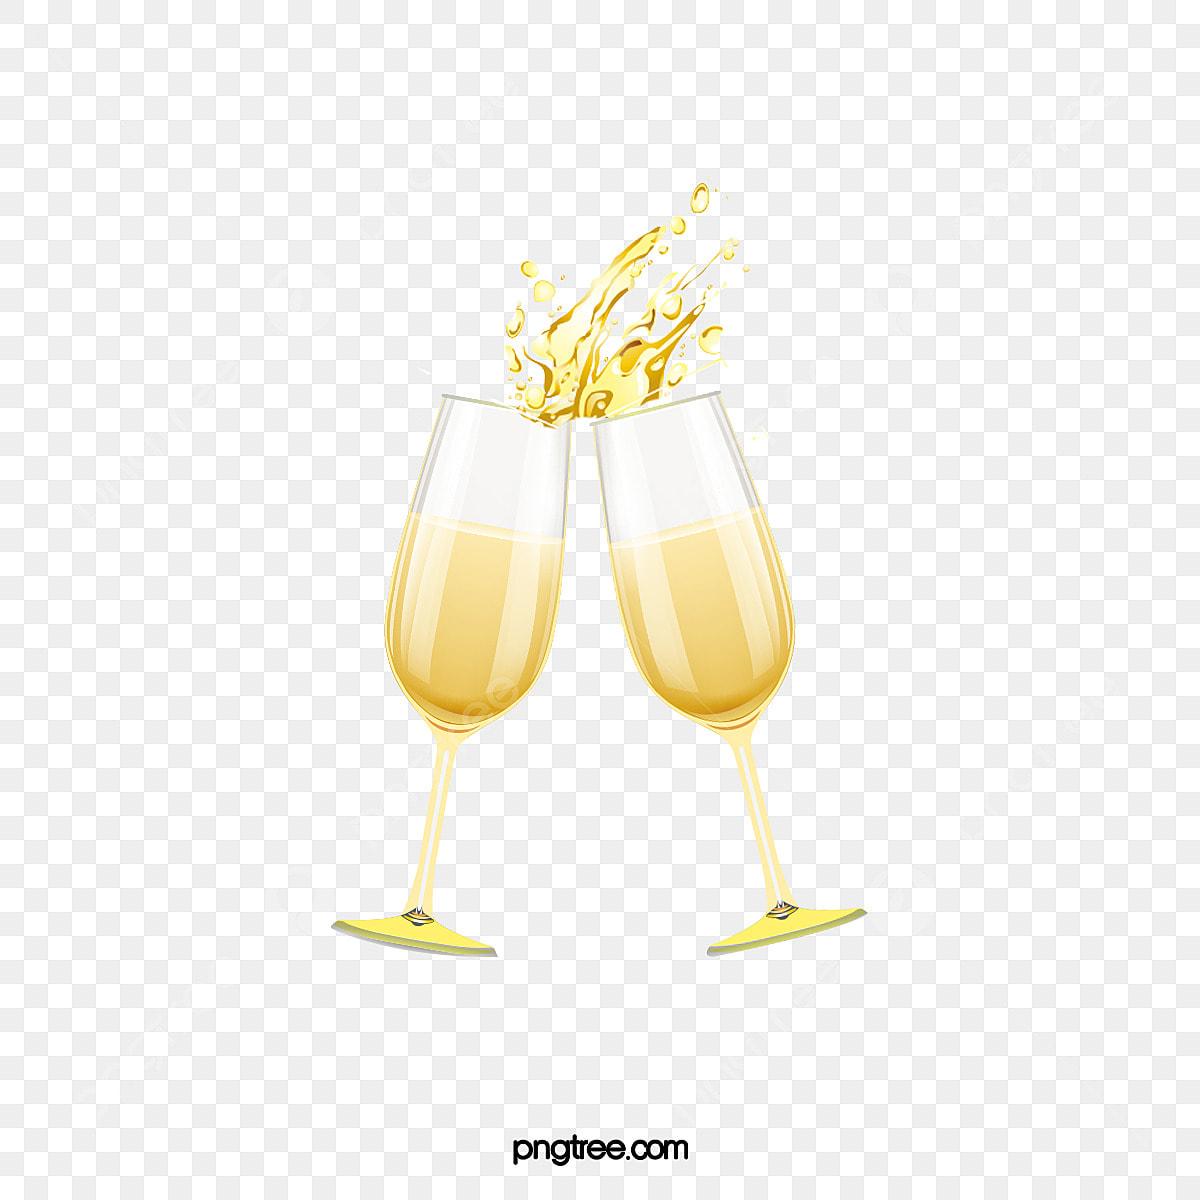 Dessin Anime Delicate Illustration De Verre De Champagne Coupe De Champagne Jaune Vin Fichier Png Et Psd Pour Le Telechargement Libre